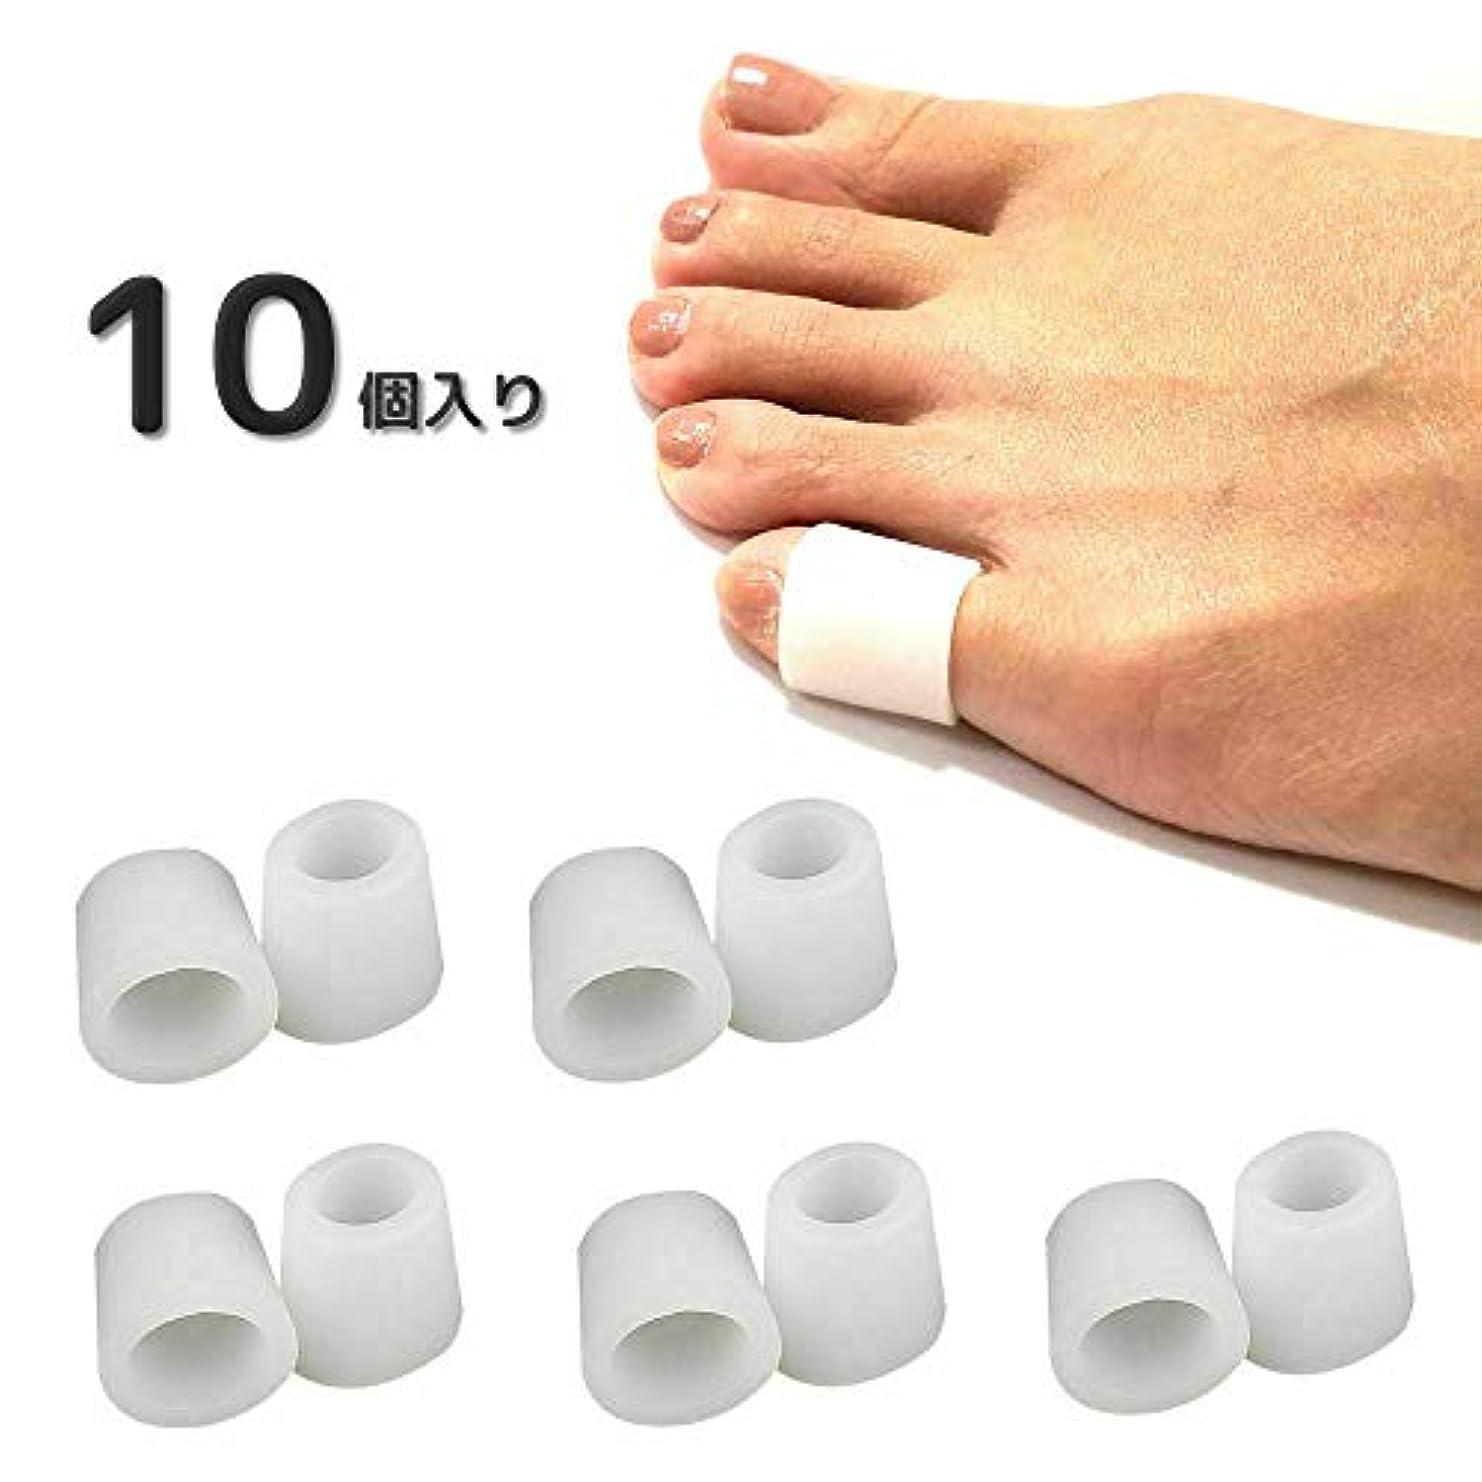 心理的文飼料Lumiele 指や爪の保護キャップ 足爪 足指 柔らかシリコン サポーター 小指 指サック 5セット 10個入り